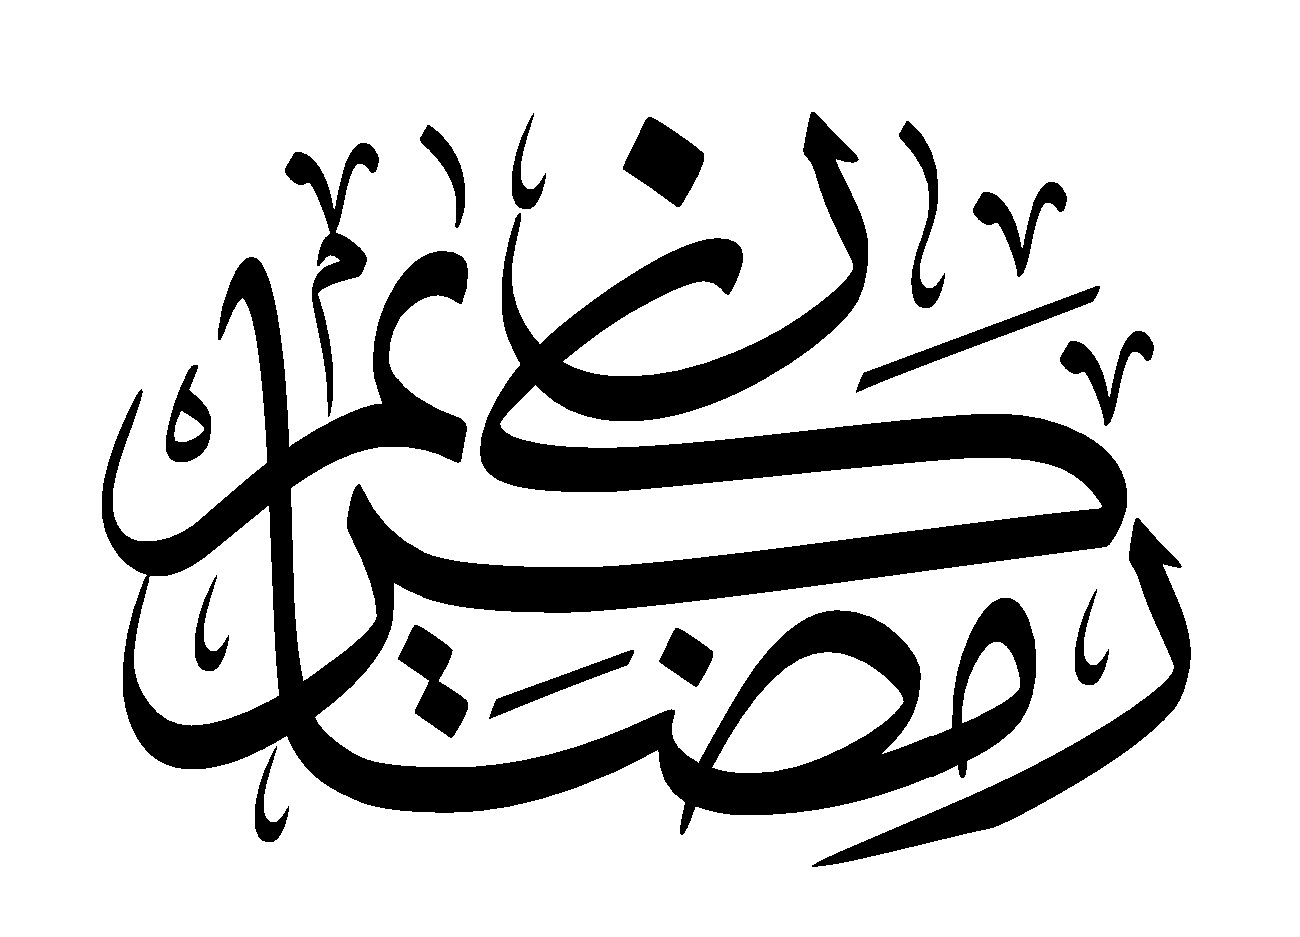 صور التهنئة بشهر رمضان الكريم 2016 خلفيات شهر رمضان (21)